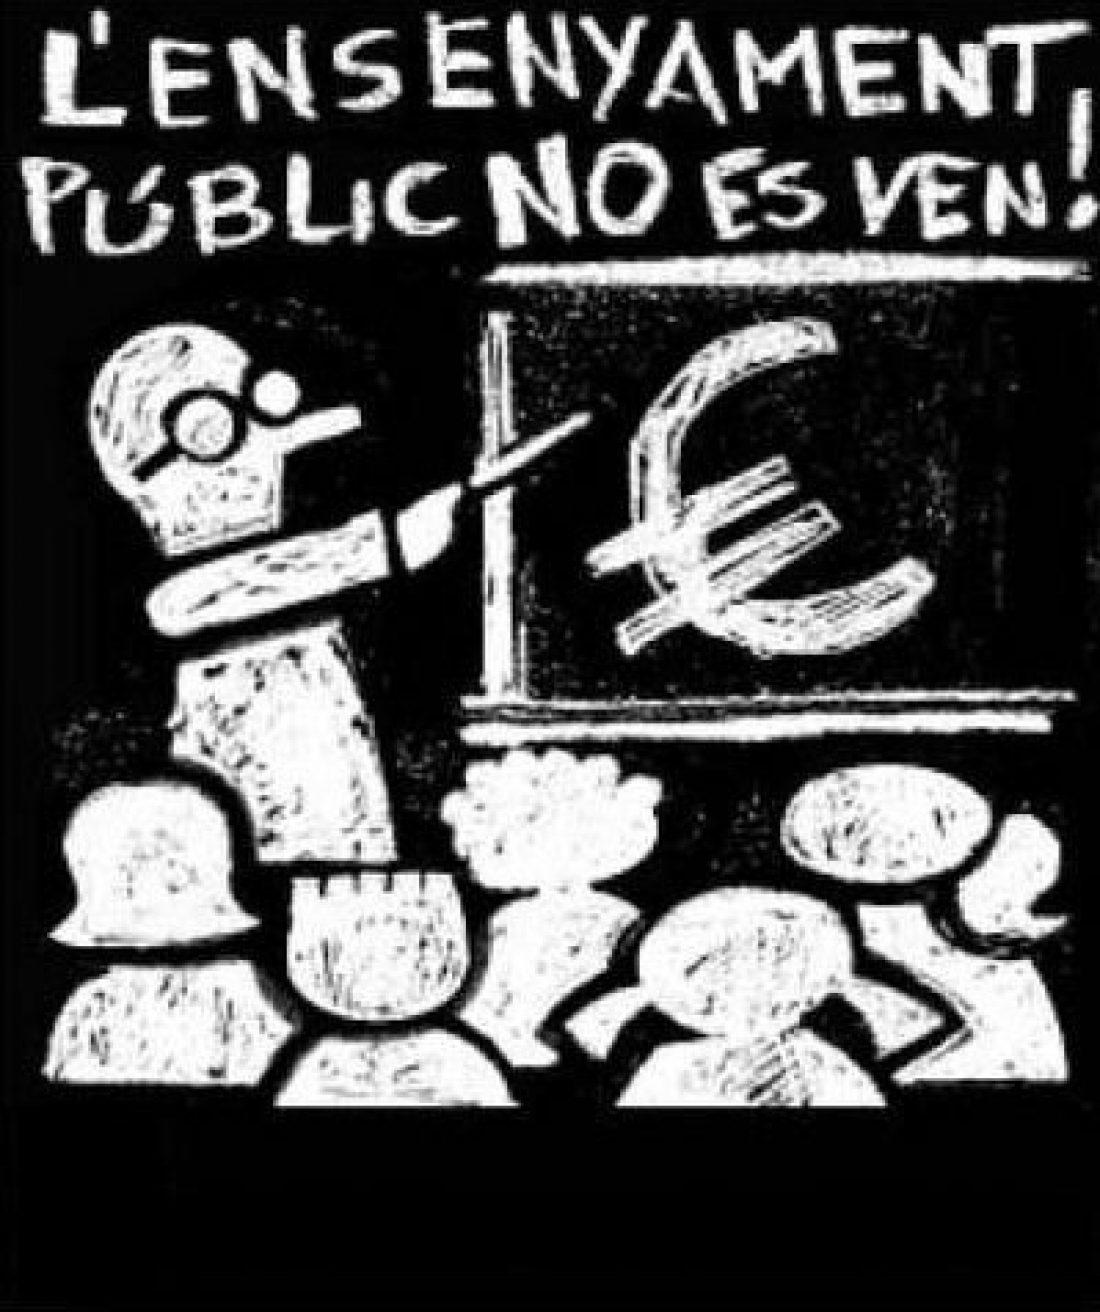 22 de mayo, Huelga en la Enseñanza Pública Catalana